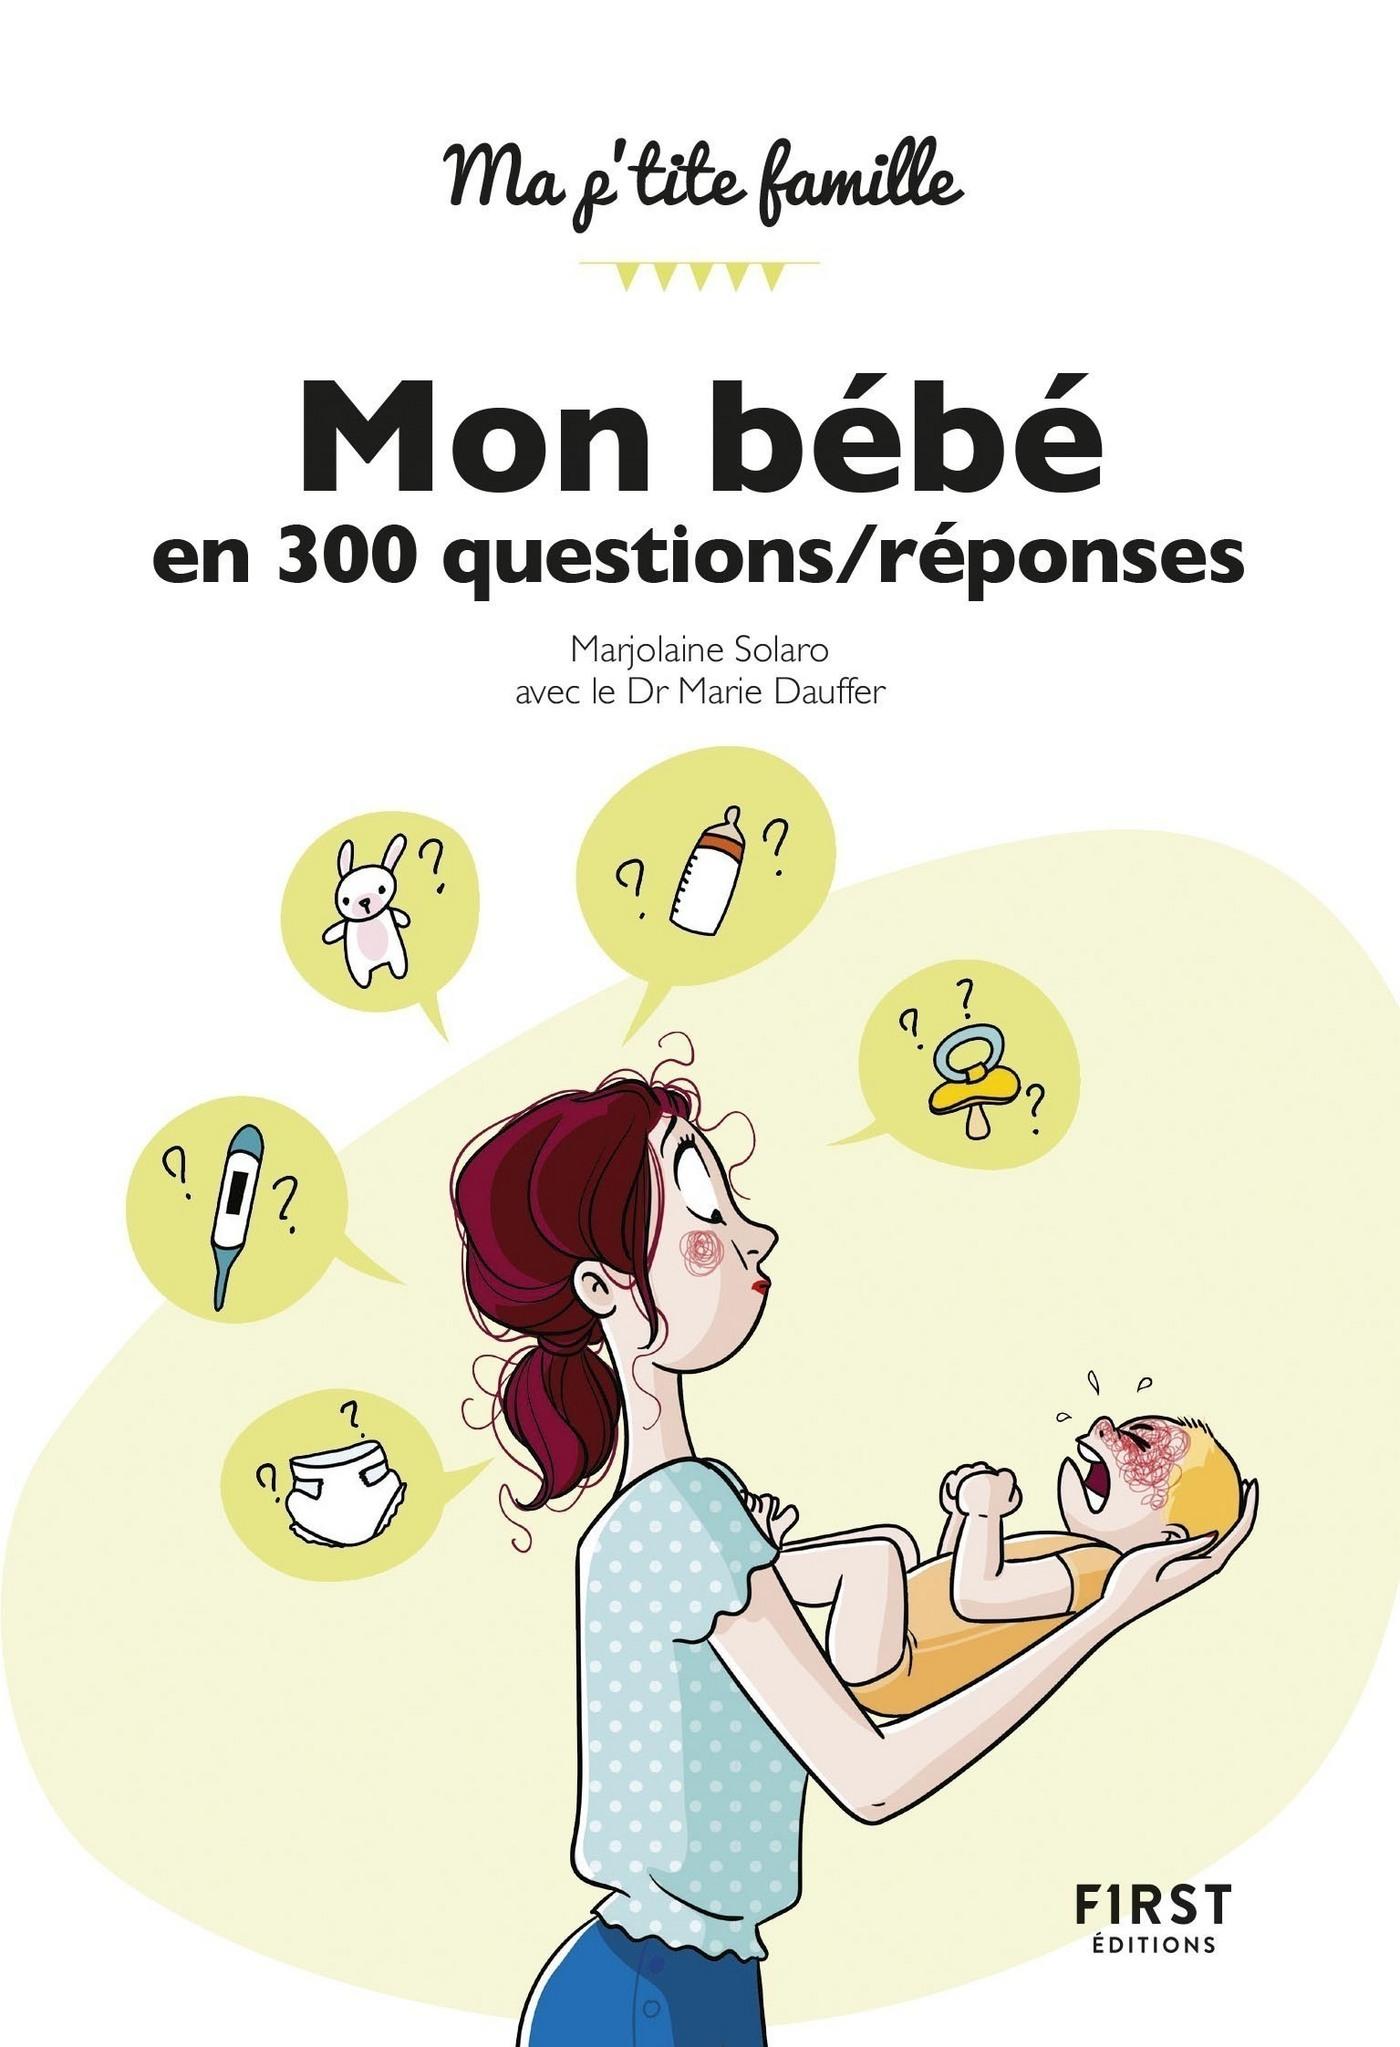 Mon bébé en 300 questions/réponses